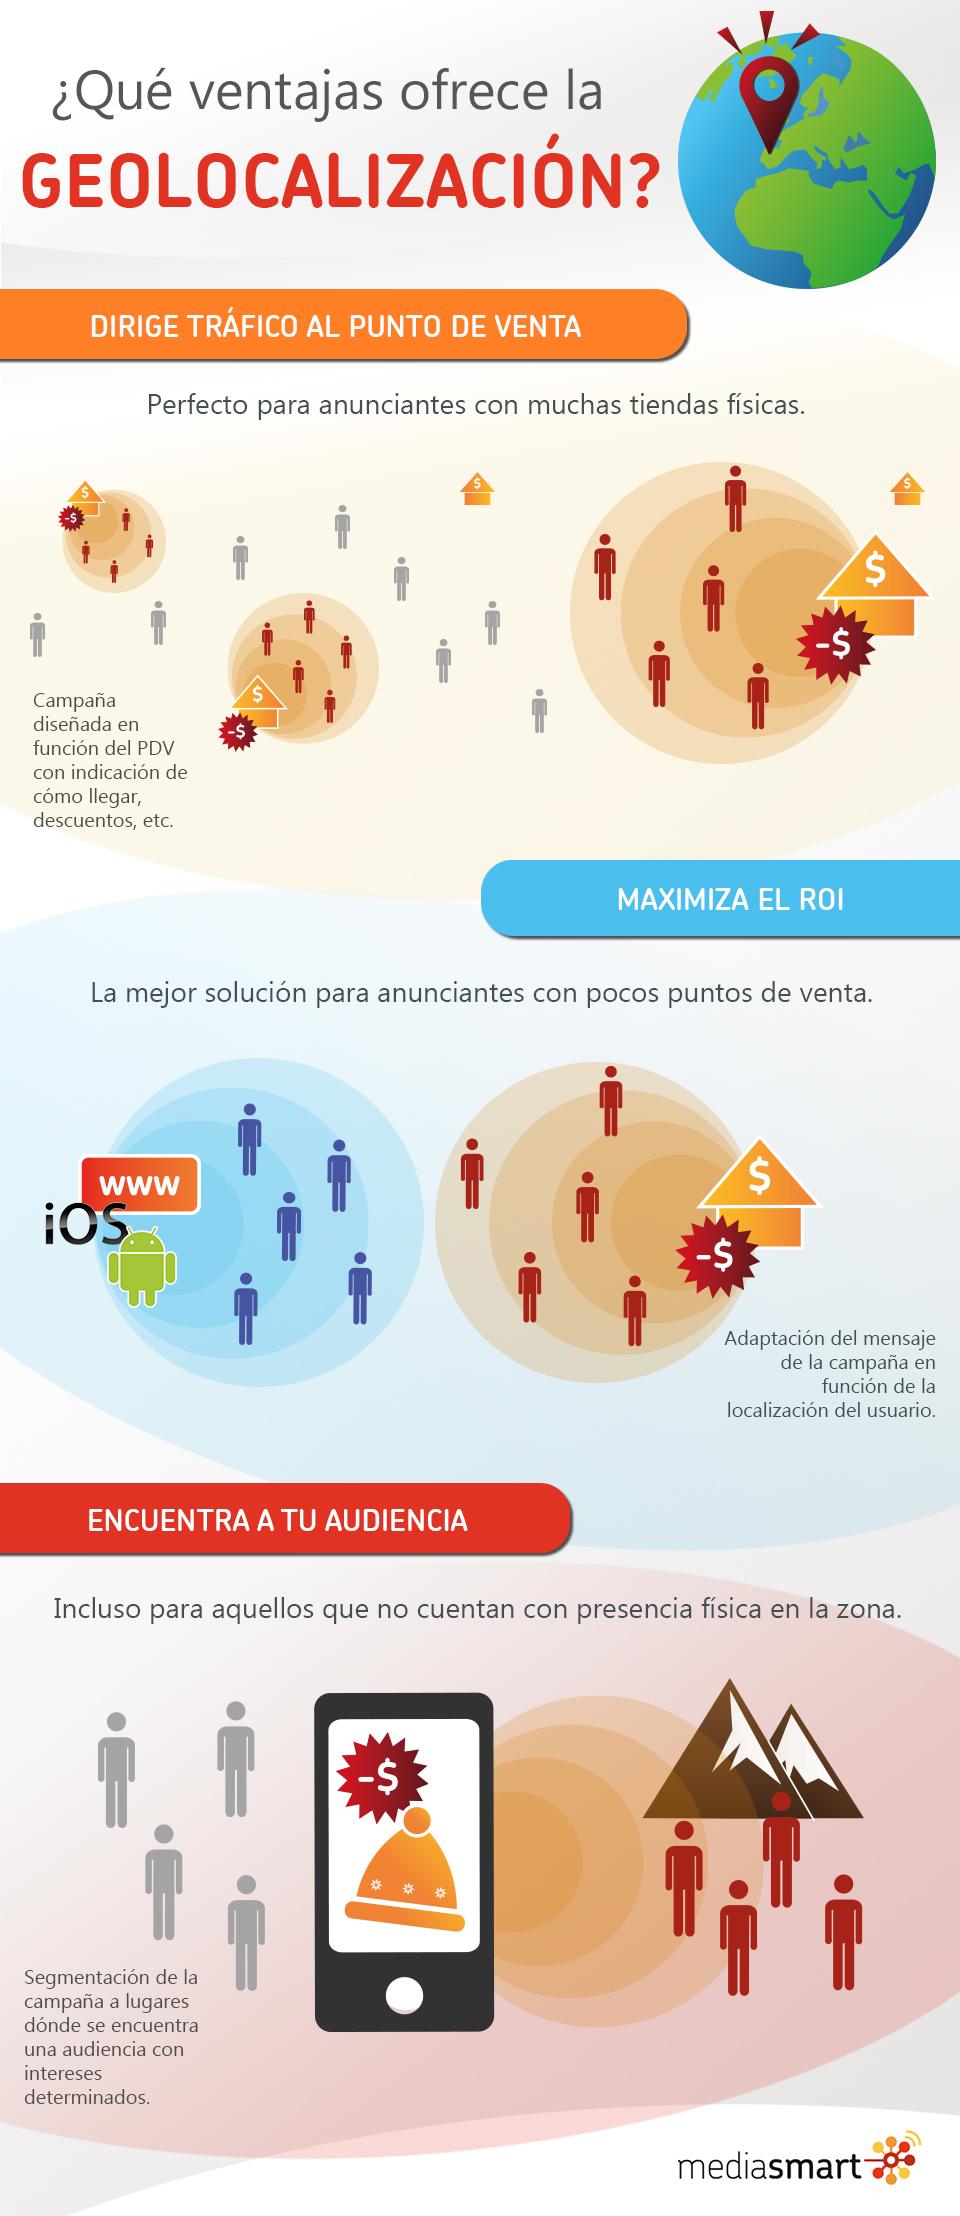 Ventajas de la Geolocalización #infografia #infographic #marketing - TICs y Formación